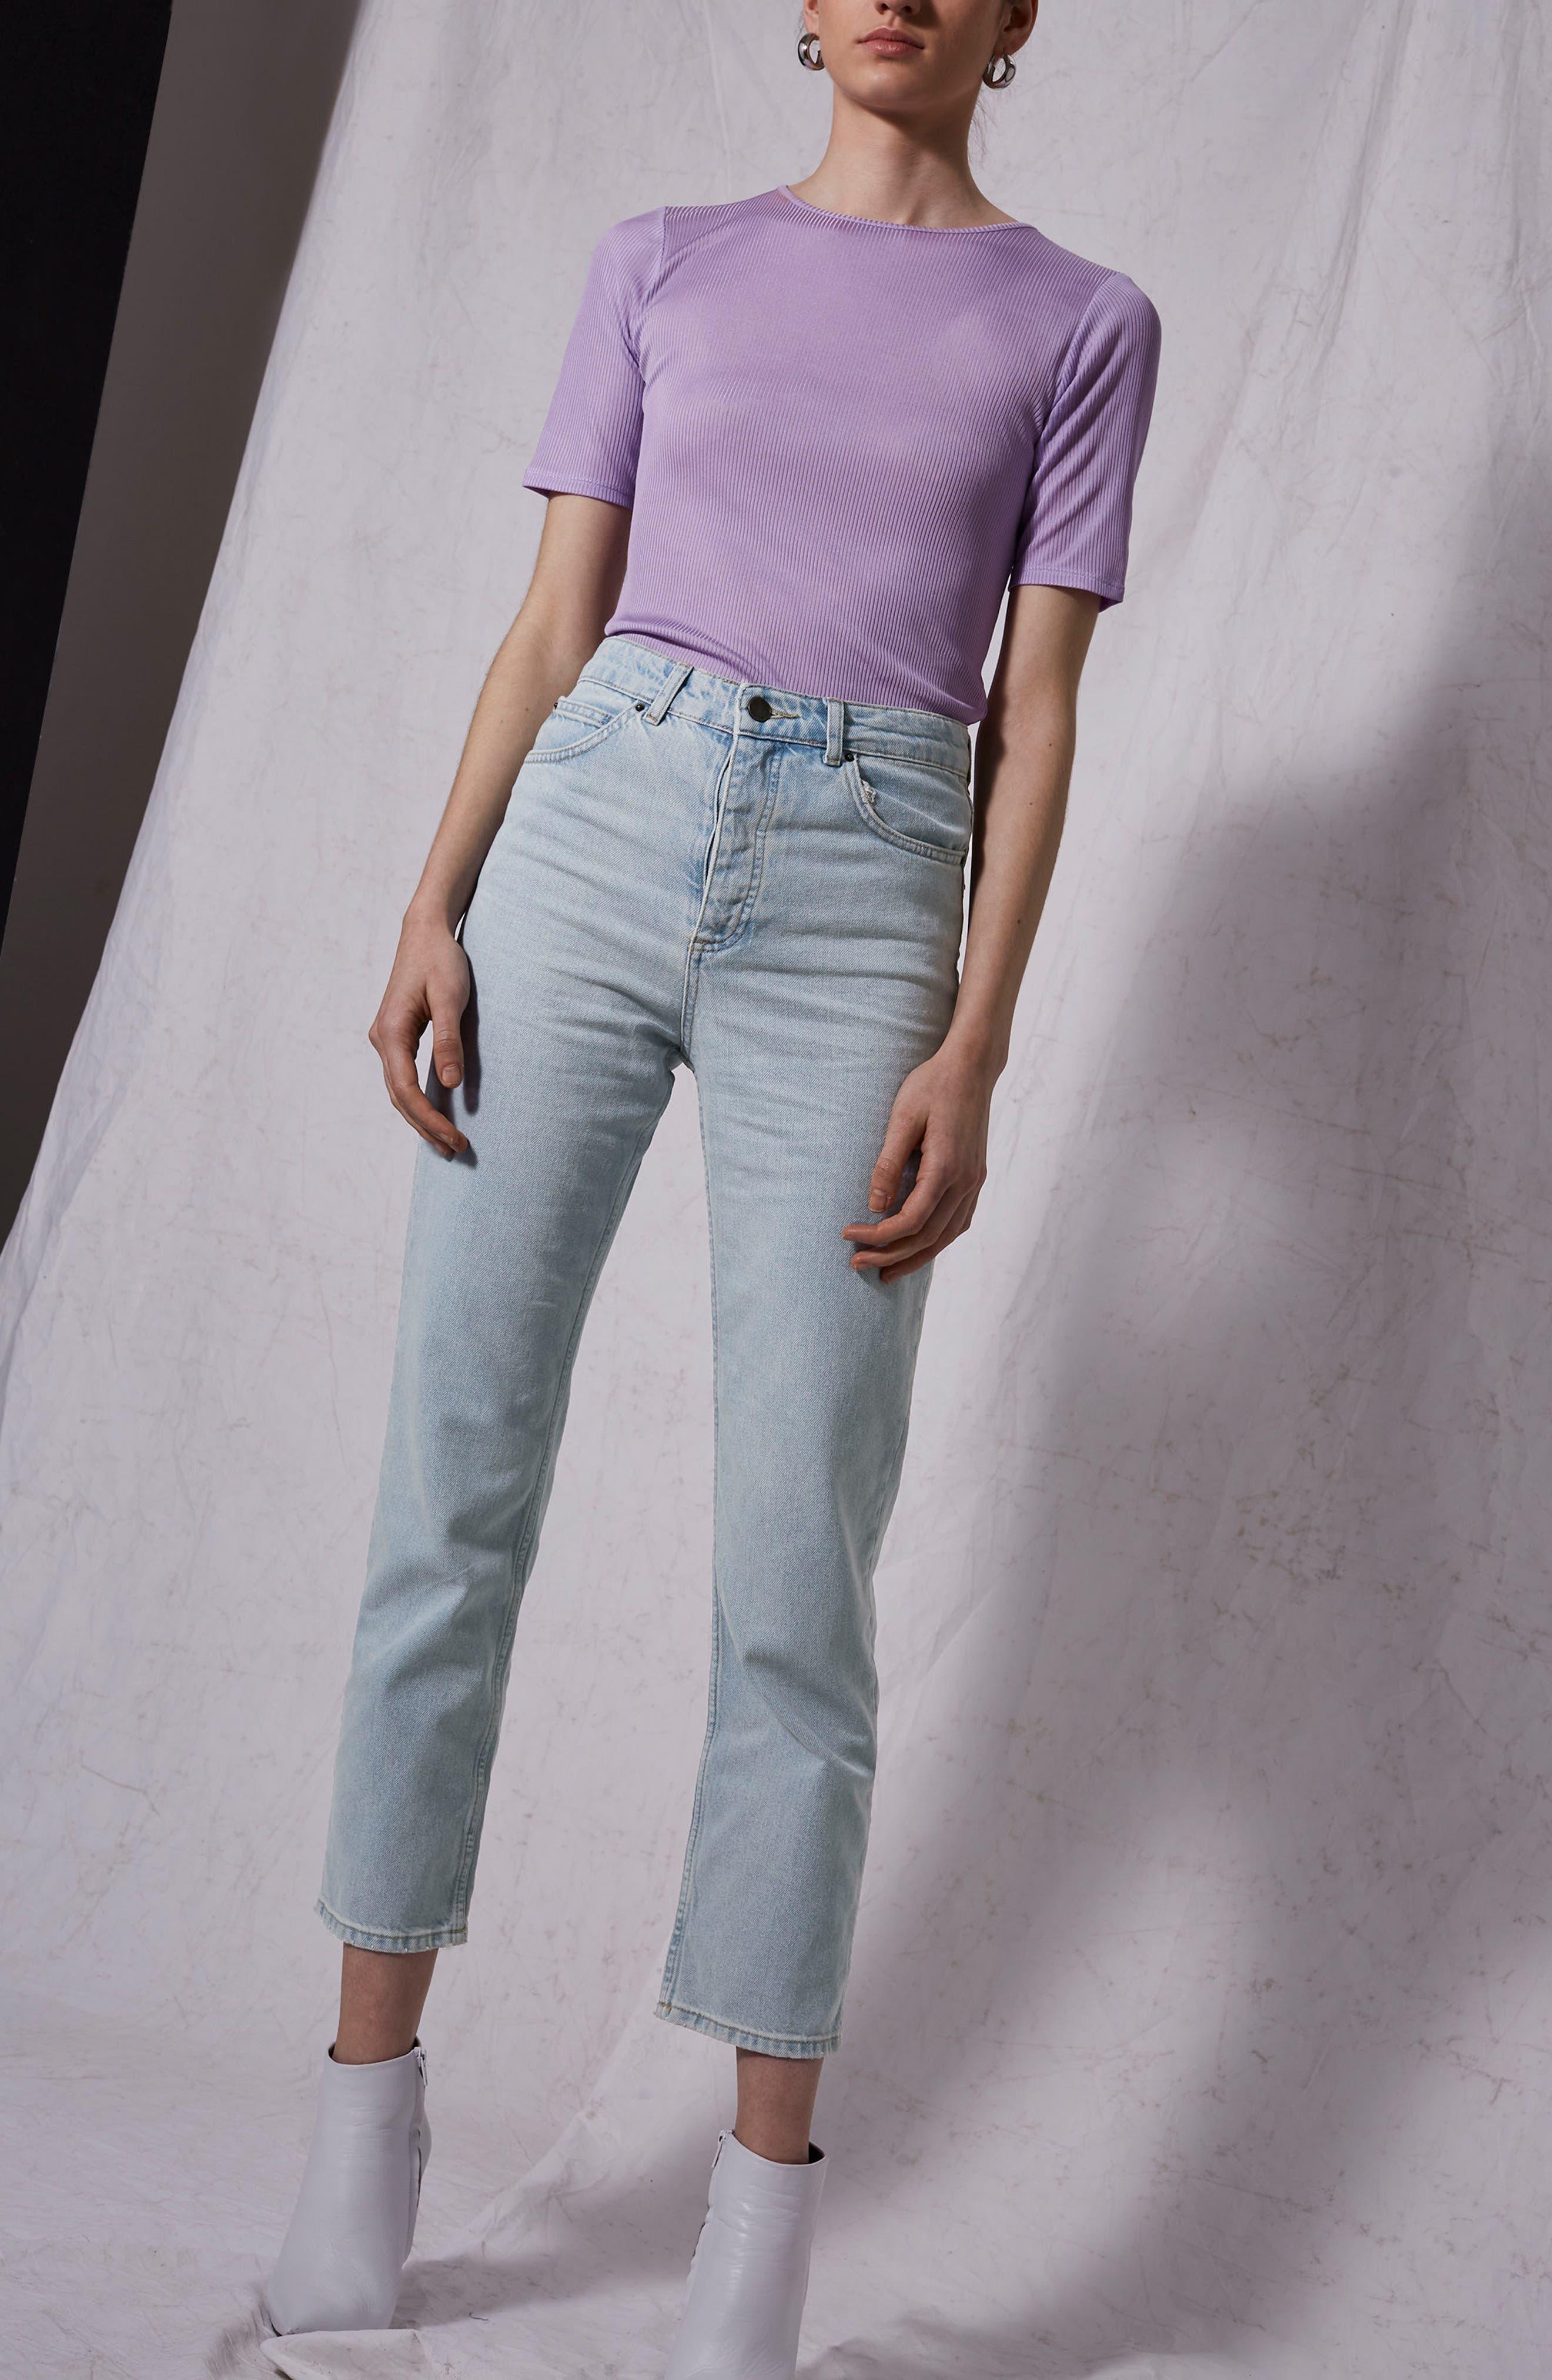 Boutique Bleach Denim Jeans,                             Alternate thumbnail 5, color,